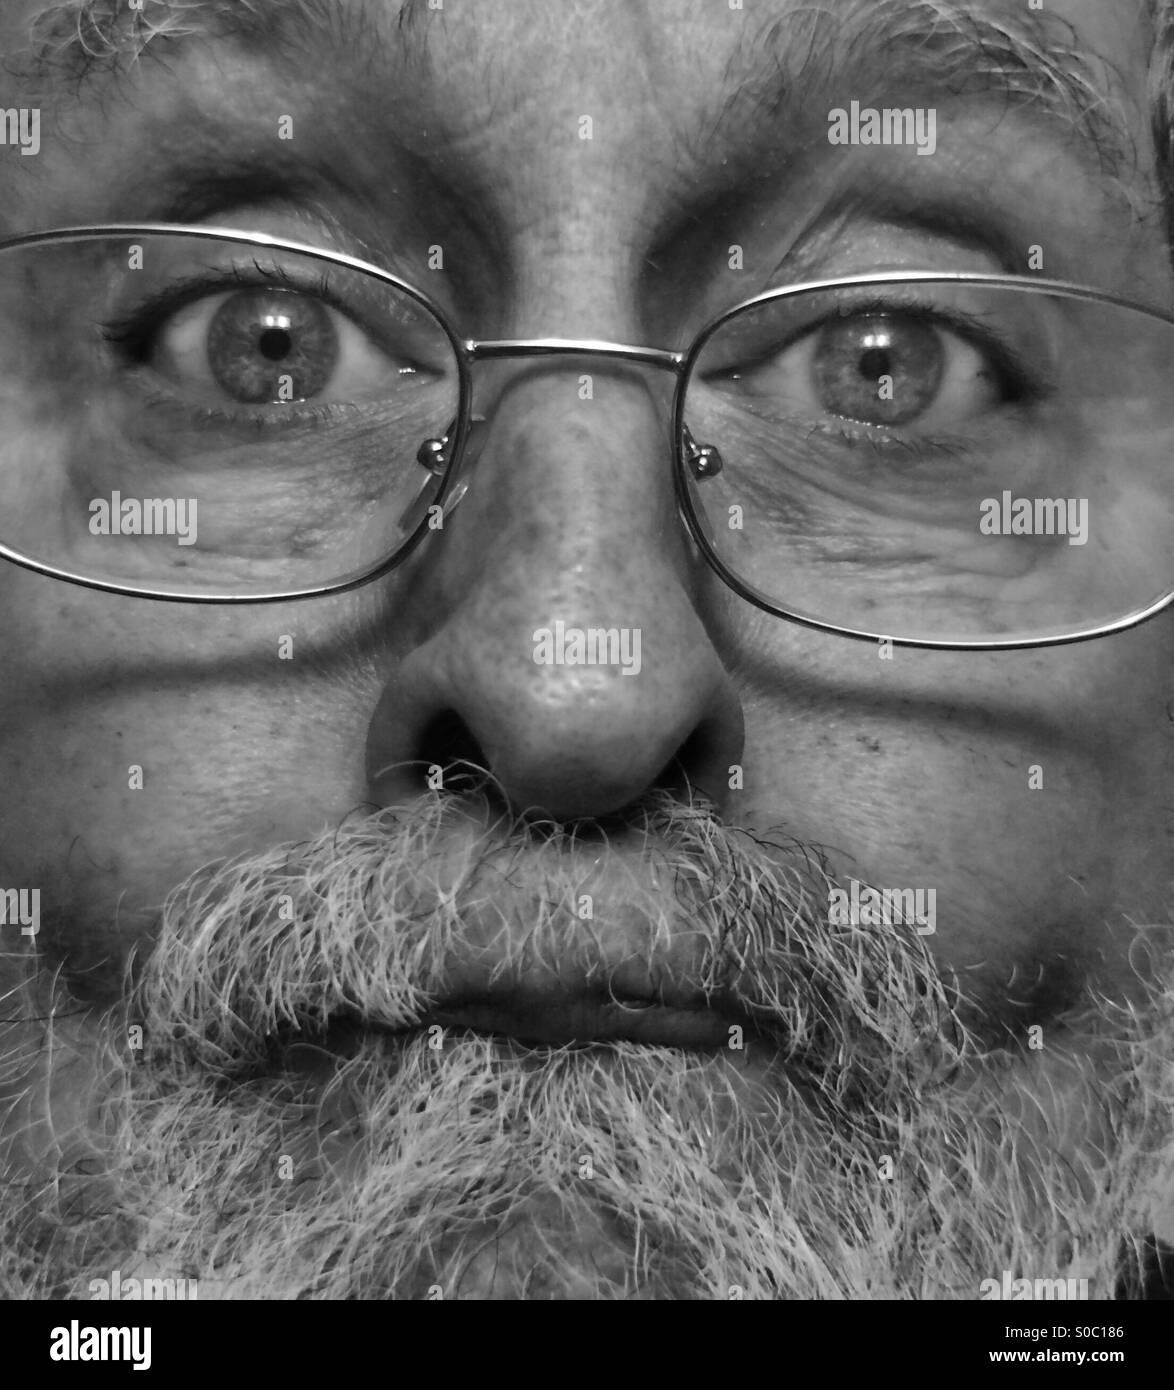 Weiße männlich, Alter 64, close-up des bärtigen, alternden Gesicht, Model Release, schwarz und weiß Stockbild